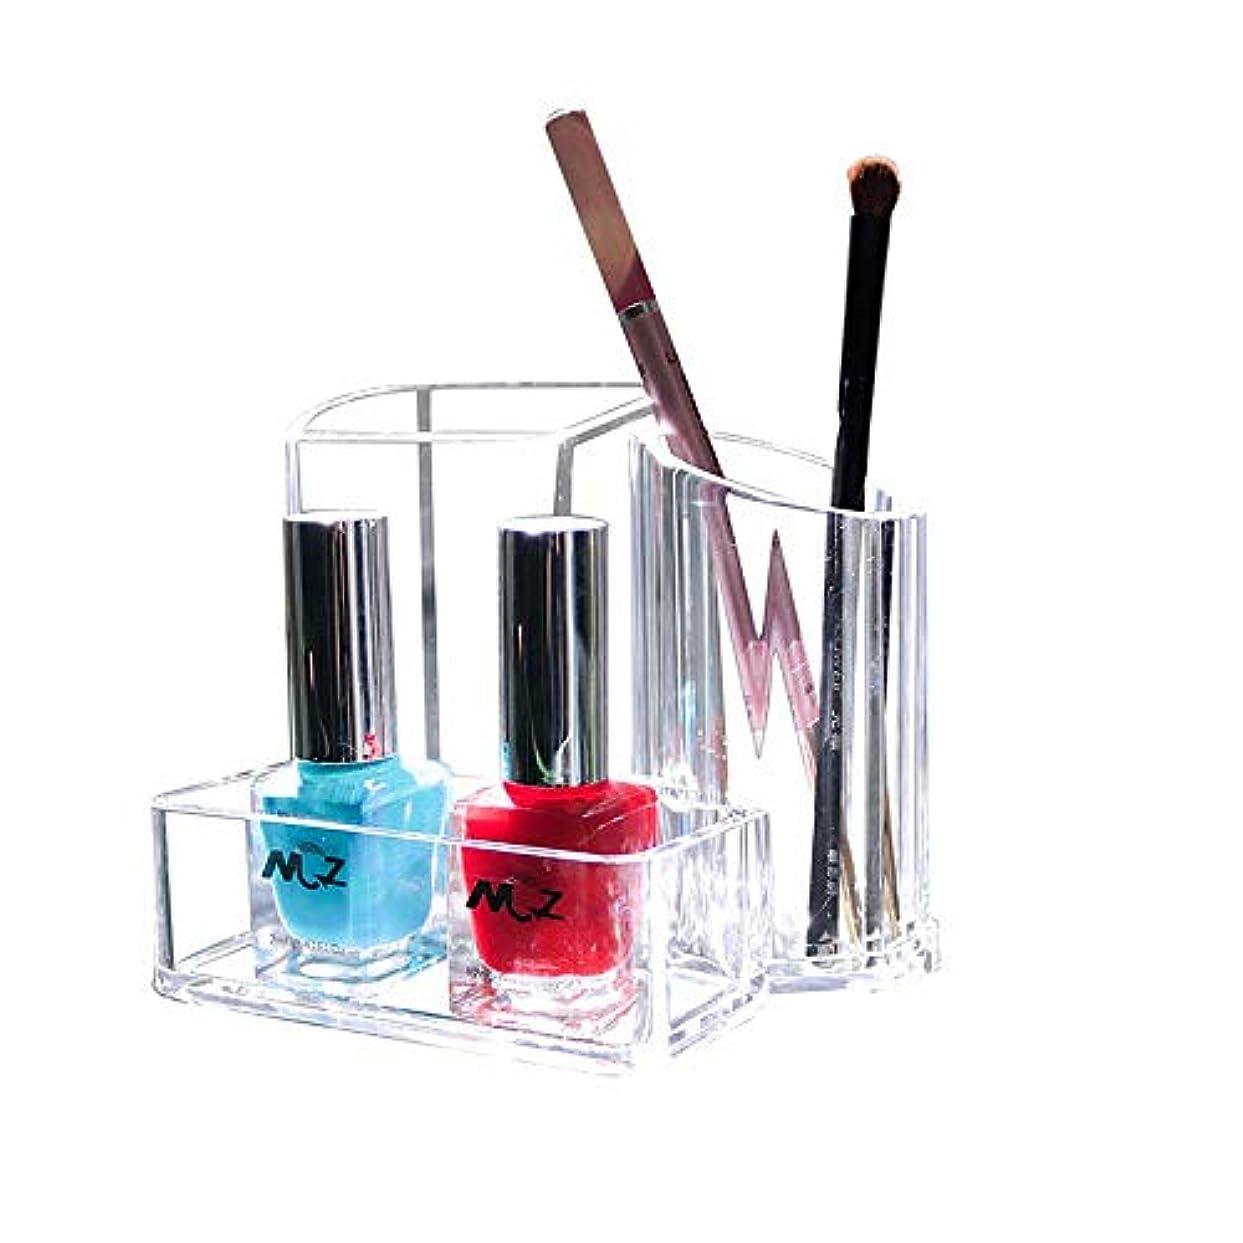 優しい剛性量整理簡単 シンプルクリアアクリル口紅&ブラシホルダー収納ディスプレイスタンド化粧スタンドラックホルダーオーガナイザー化粧ケース (Color : Clear, Size : 13.2*9.5*10.8CM)